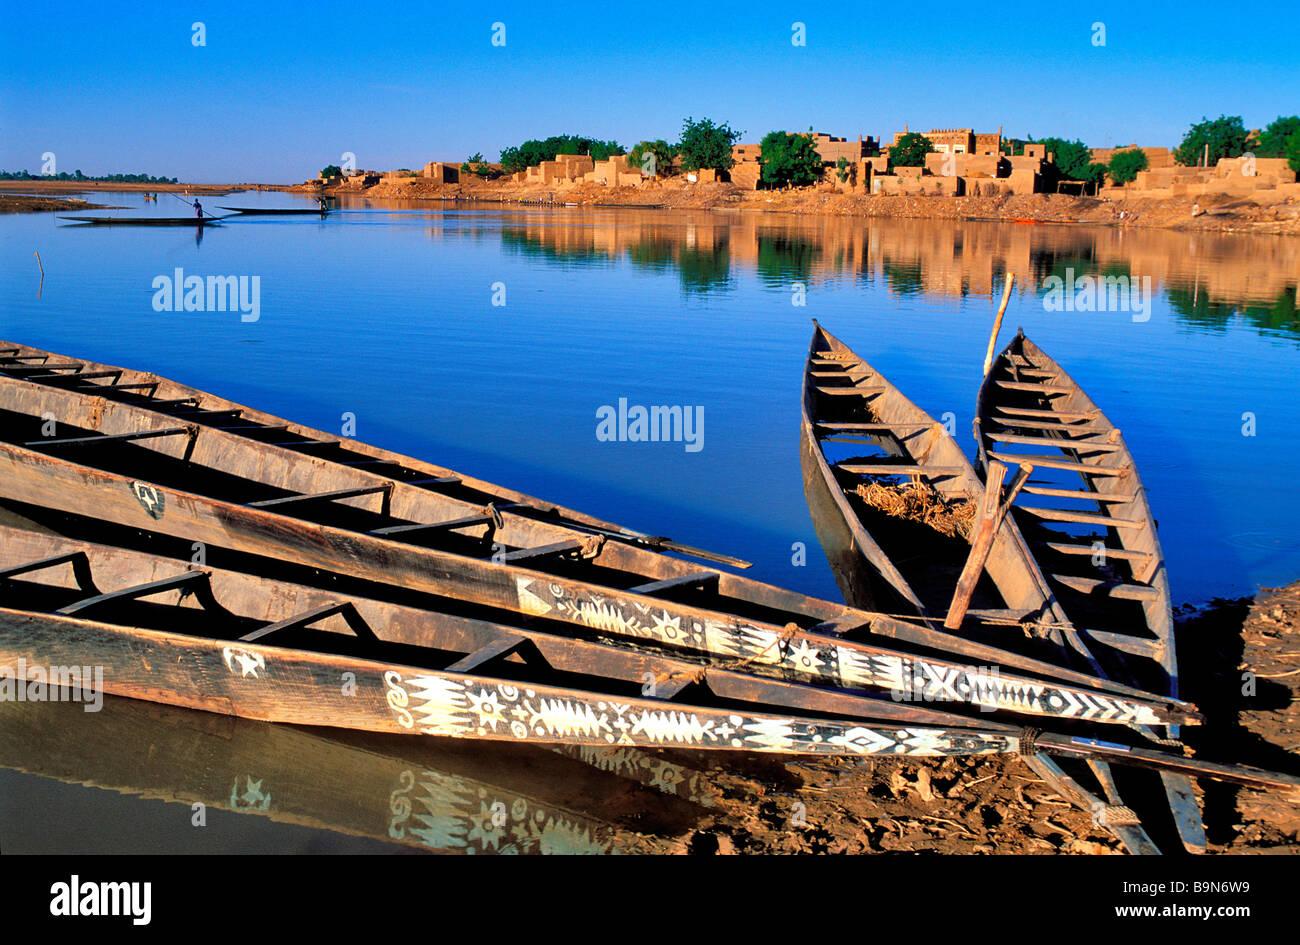 """Malí, región de Mopti, Djenne, clasificado como Patrimonio Mundial por la UNESCO, vela en """"pinasse"""" (embarcación Foto de stock"""